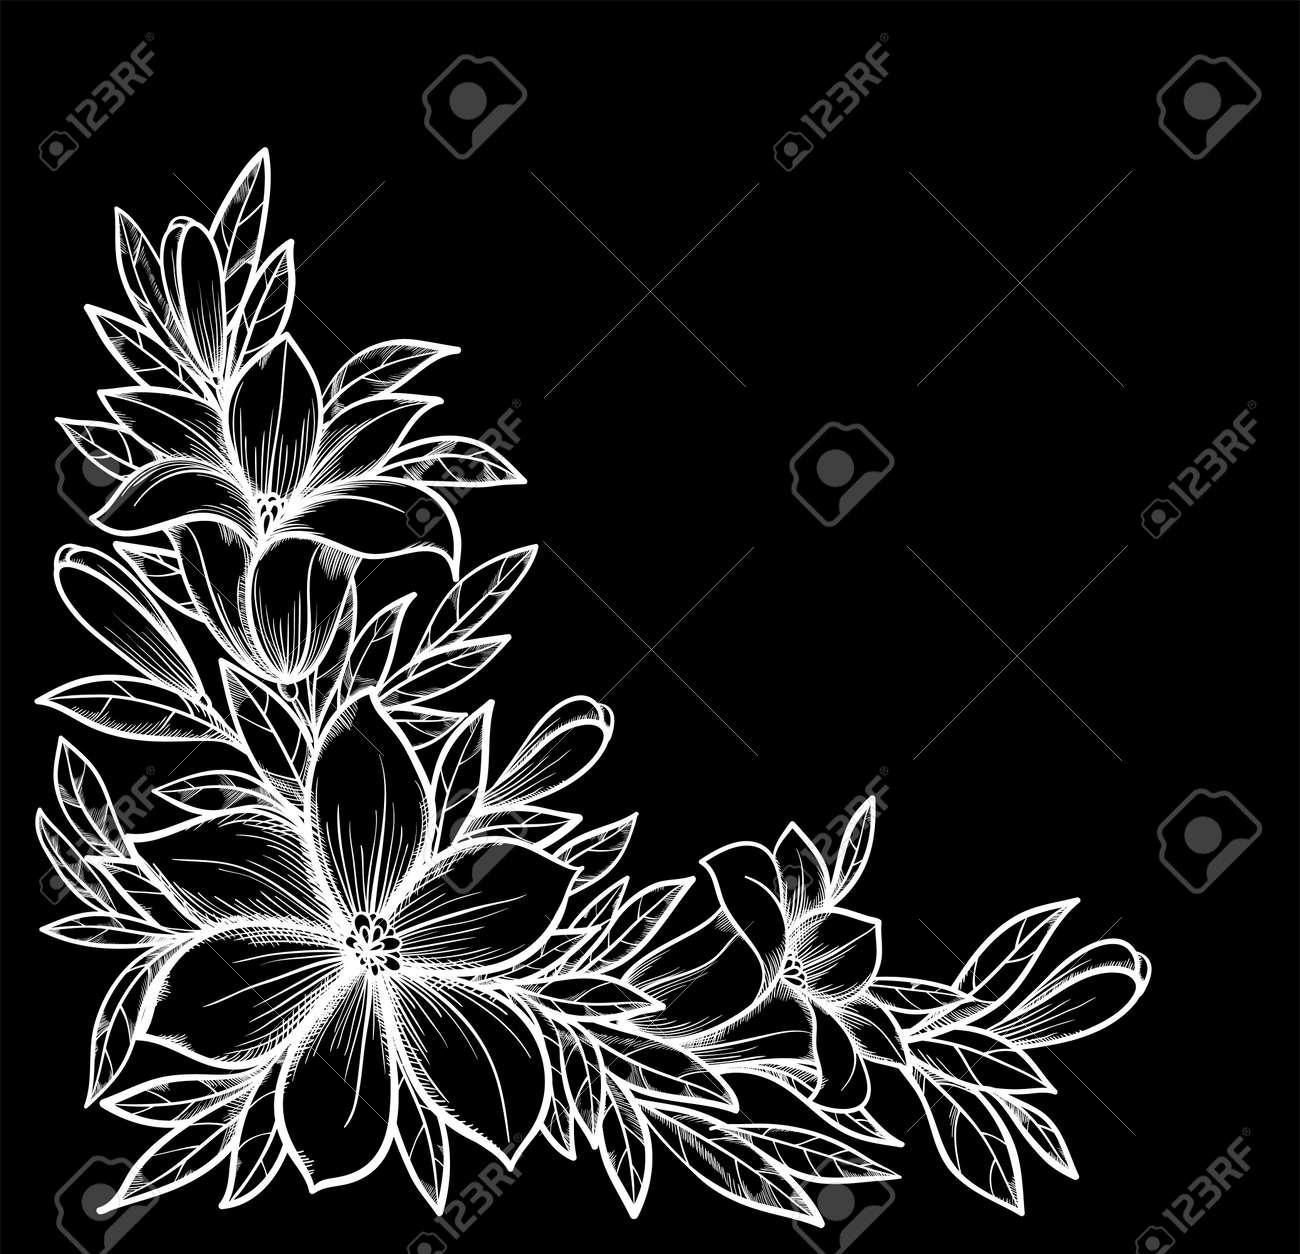 Hermosa Rama Blanco Y Negro Con Flores Fondo Para El Diseño Para La Tarjeta De Felicitación Y La Invitación De La Boda Cumpleaños Día De San